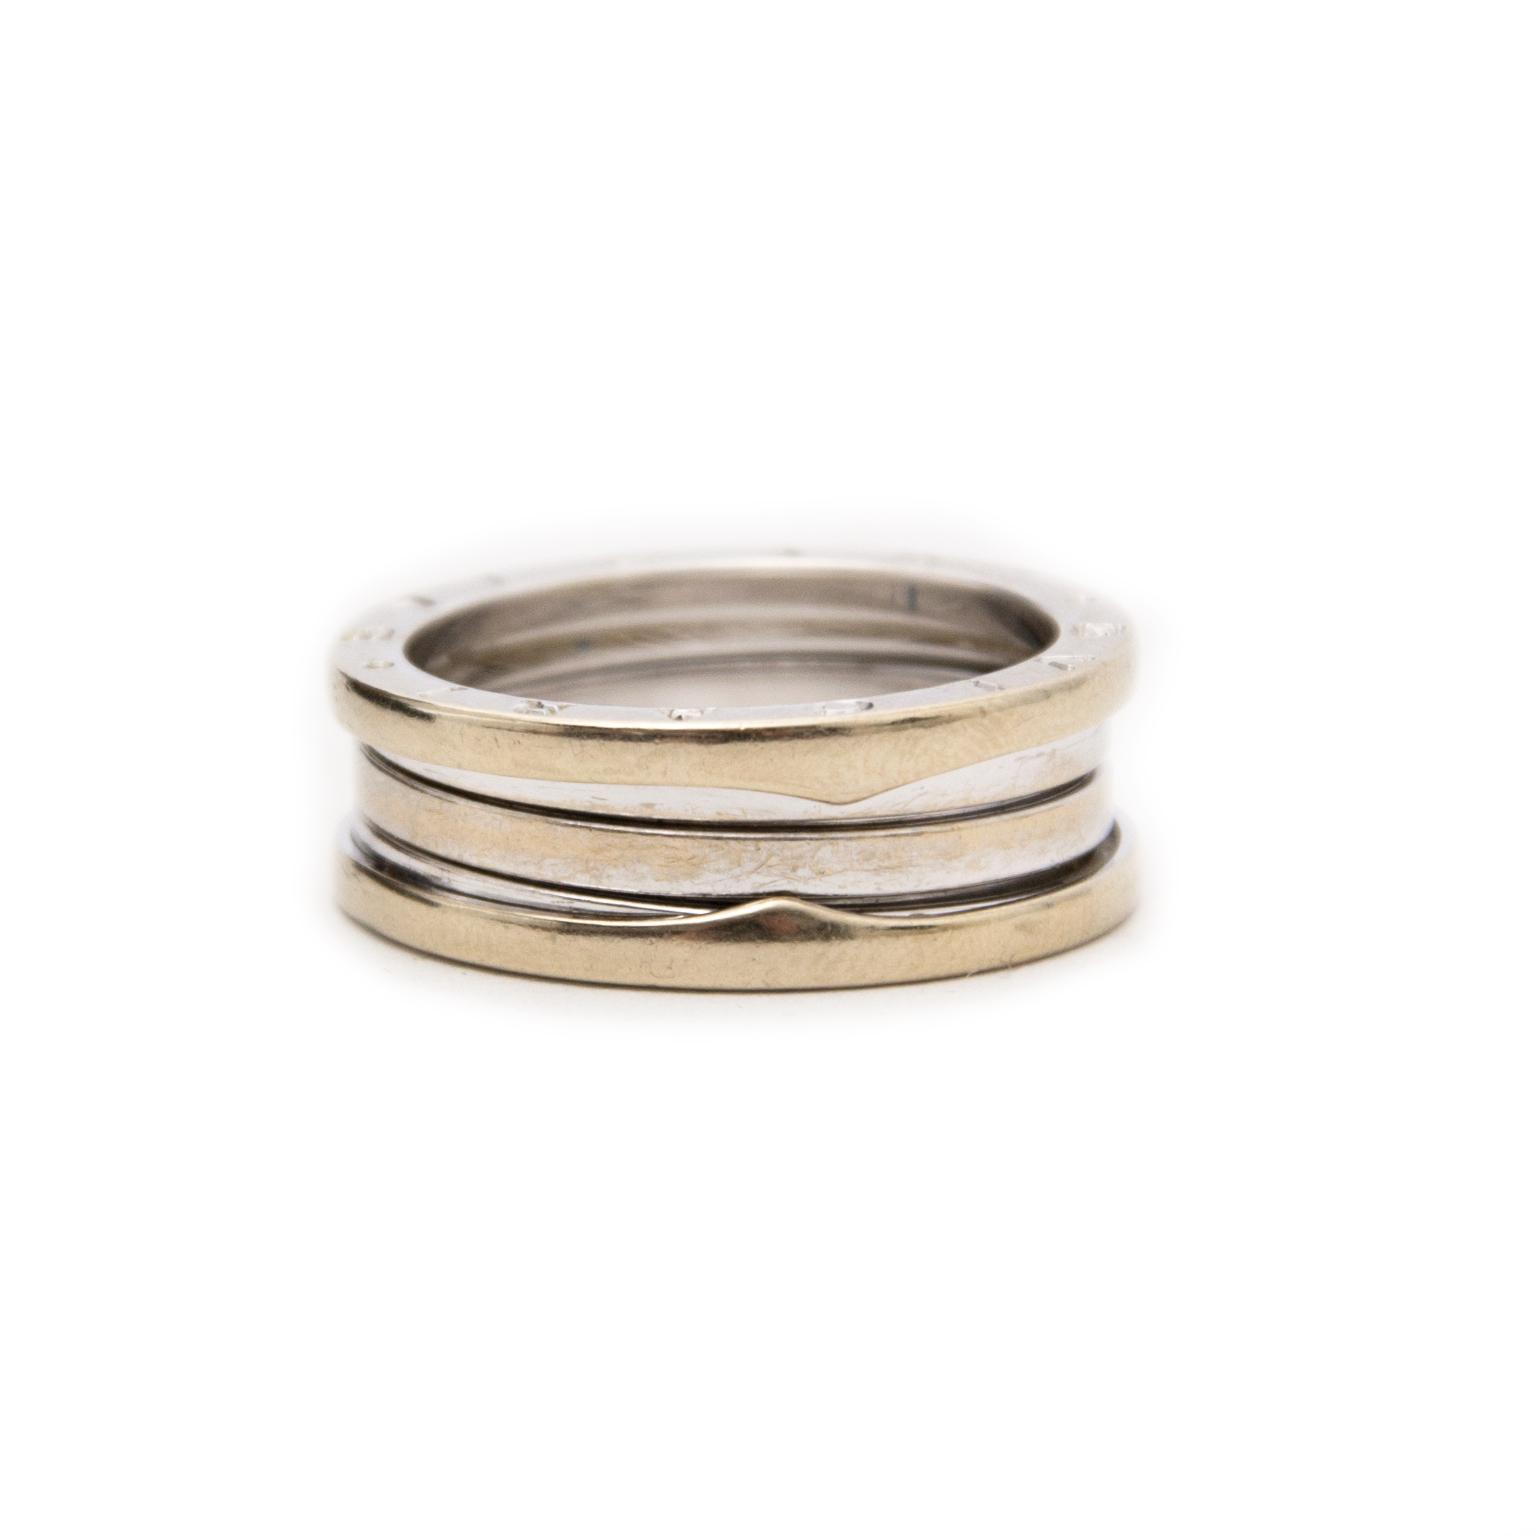 Heute können Sie diese Bulgari Weissgoldgelbe B. Zero 1 2-Band Ring - Mass 62 auf labellov.com ankaufen.